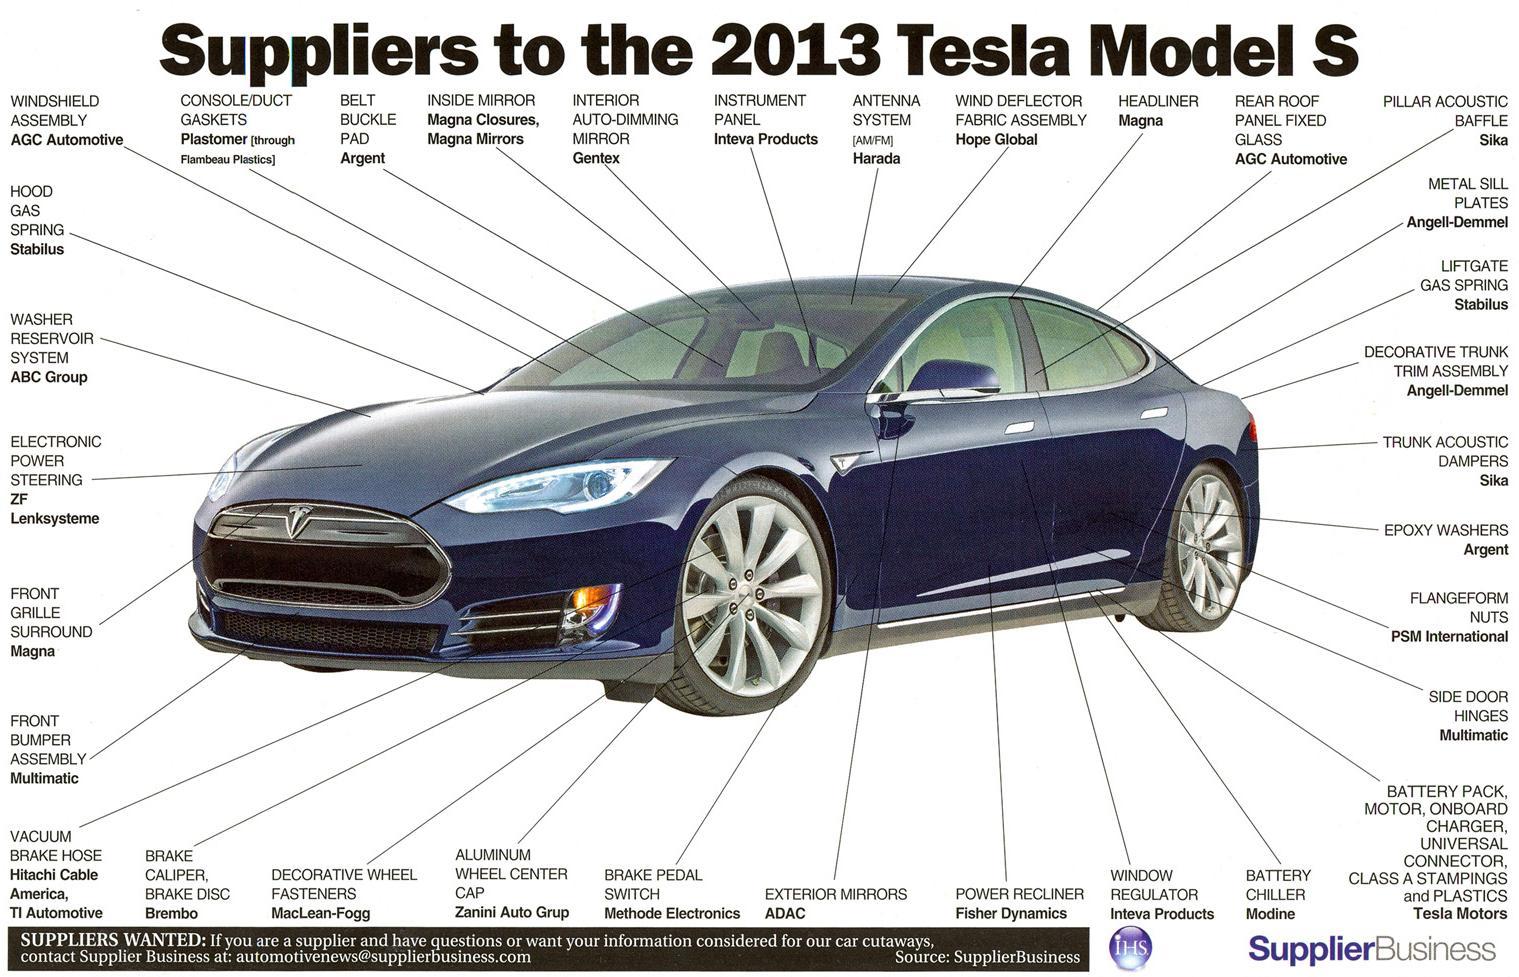 models-suppliers2.jpg